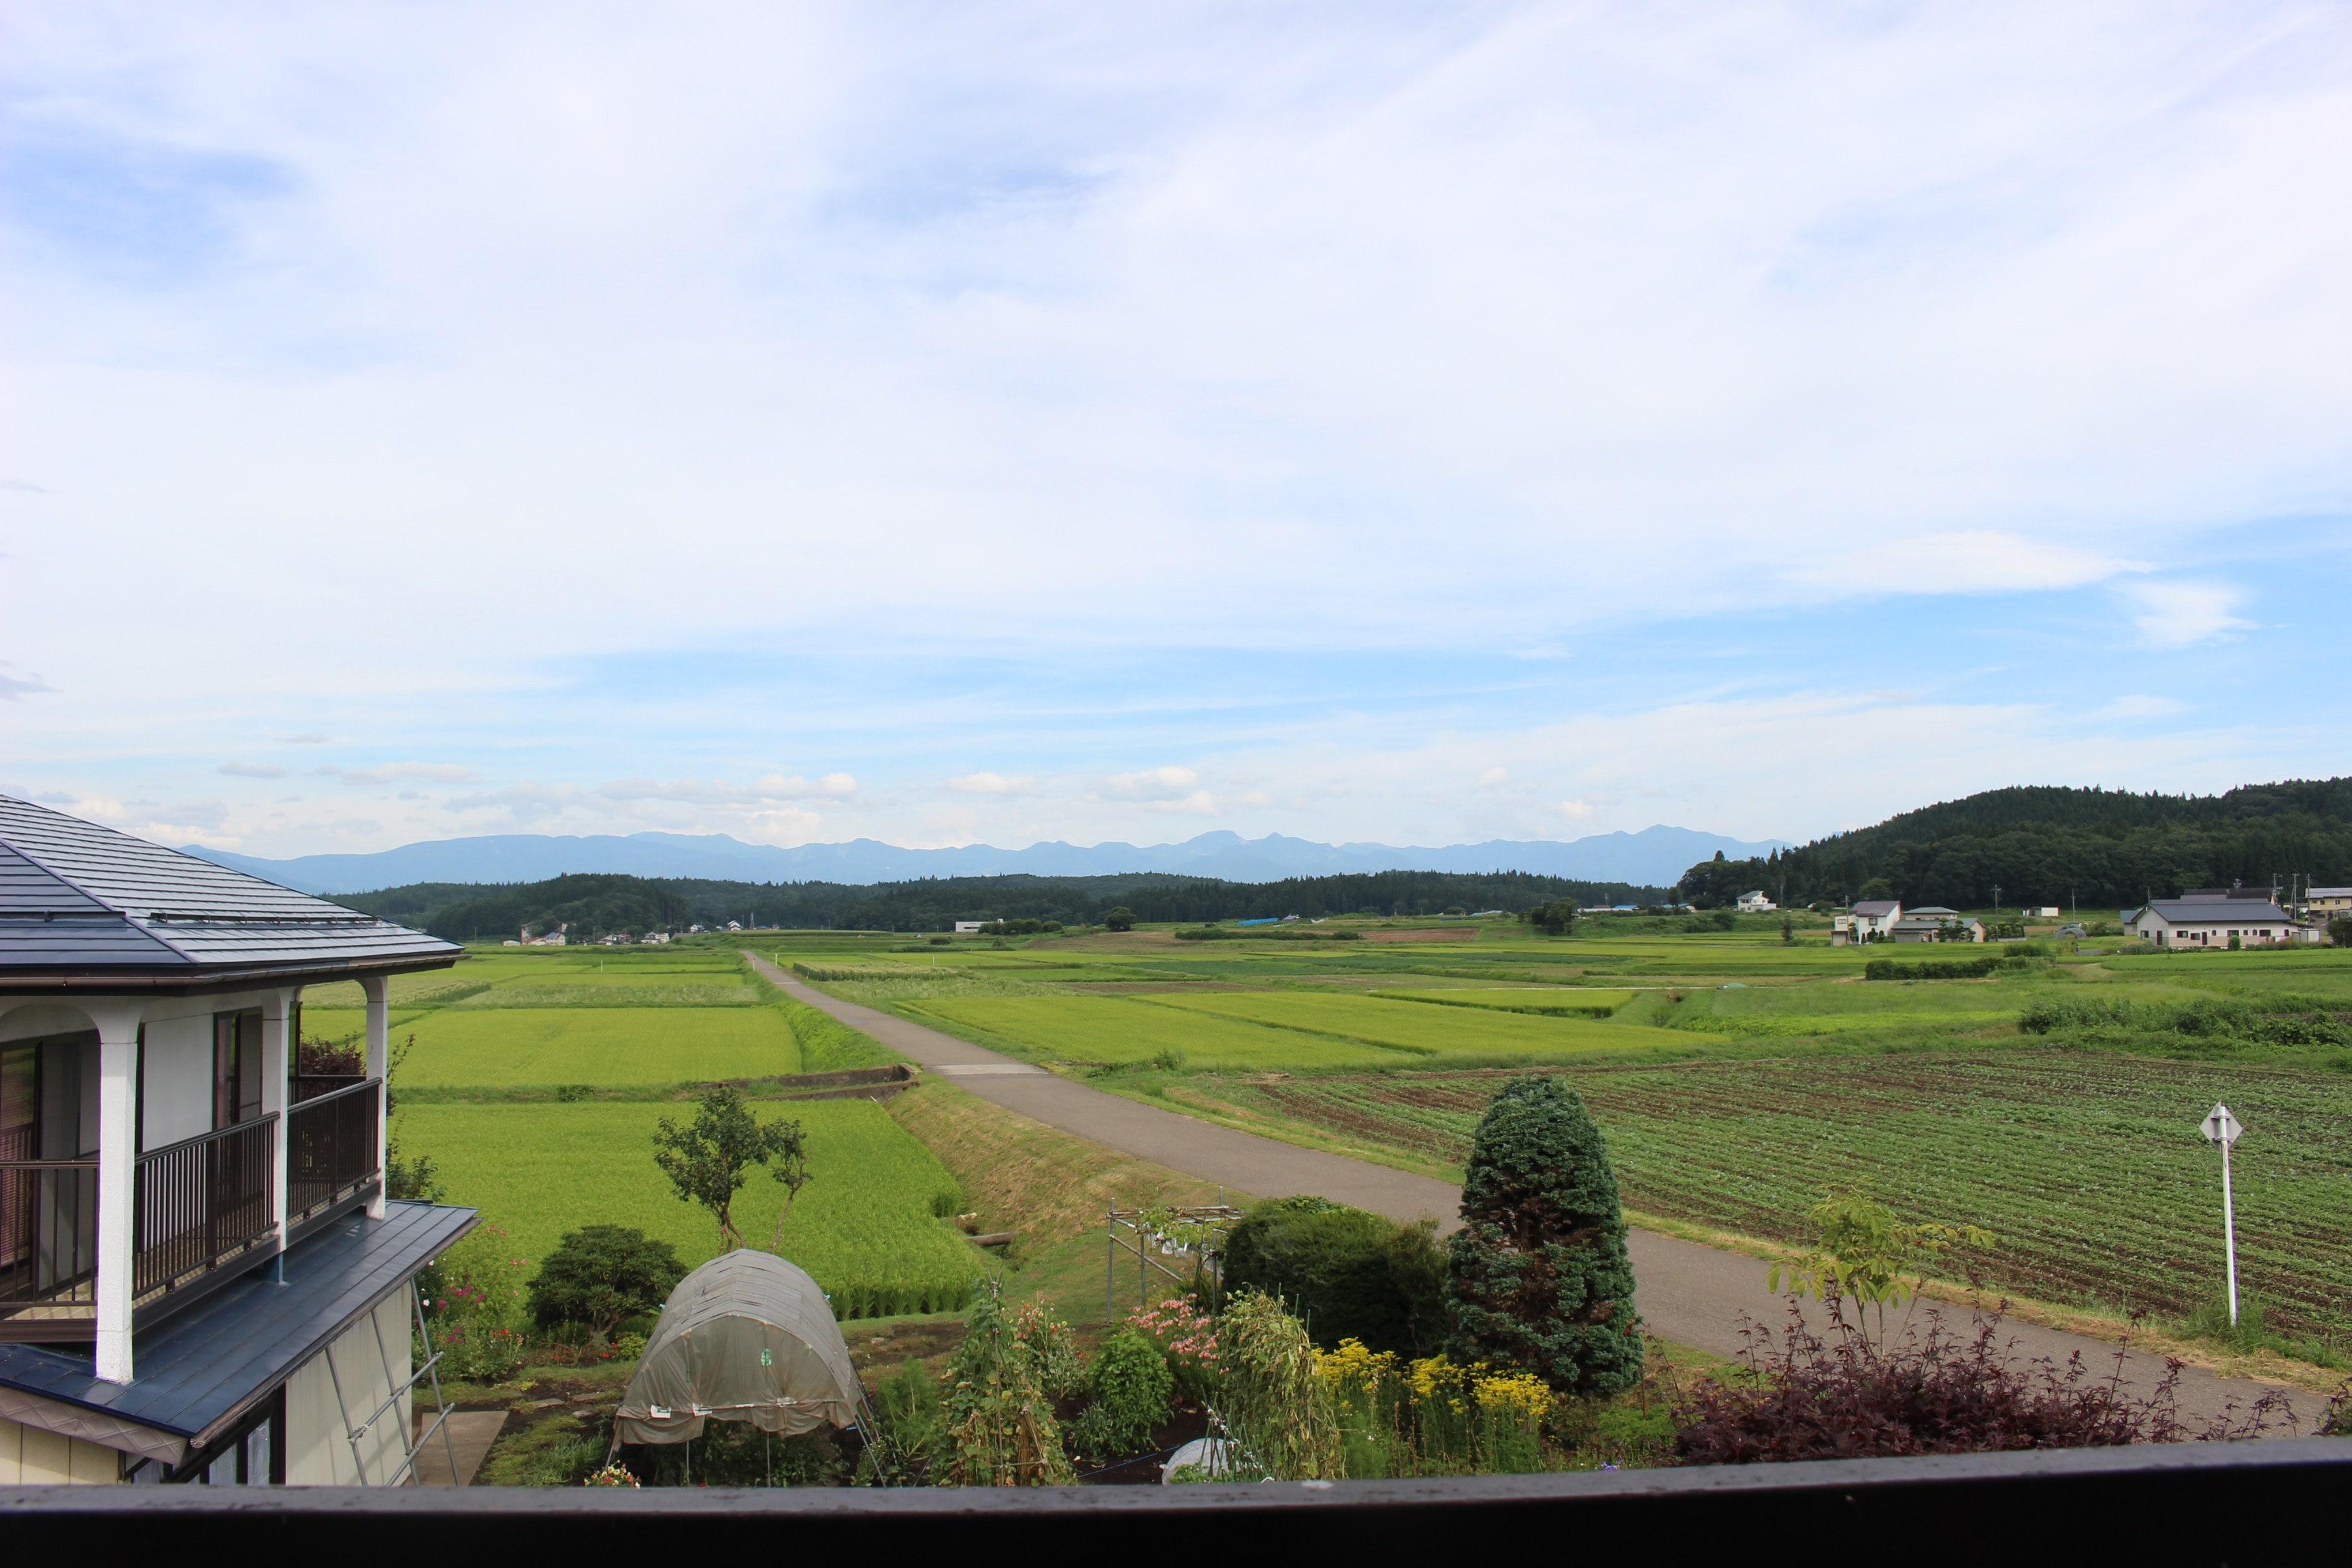 2階から目の前に広がる田園風景、山々!